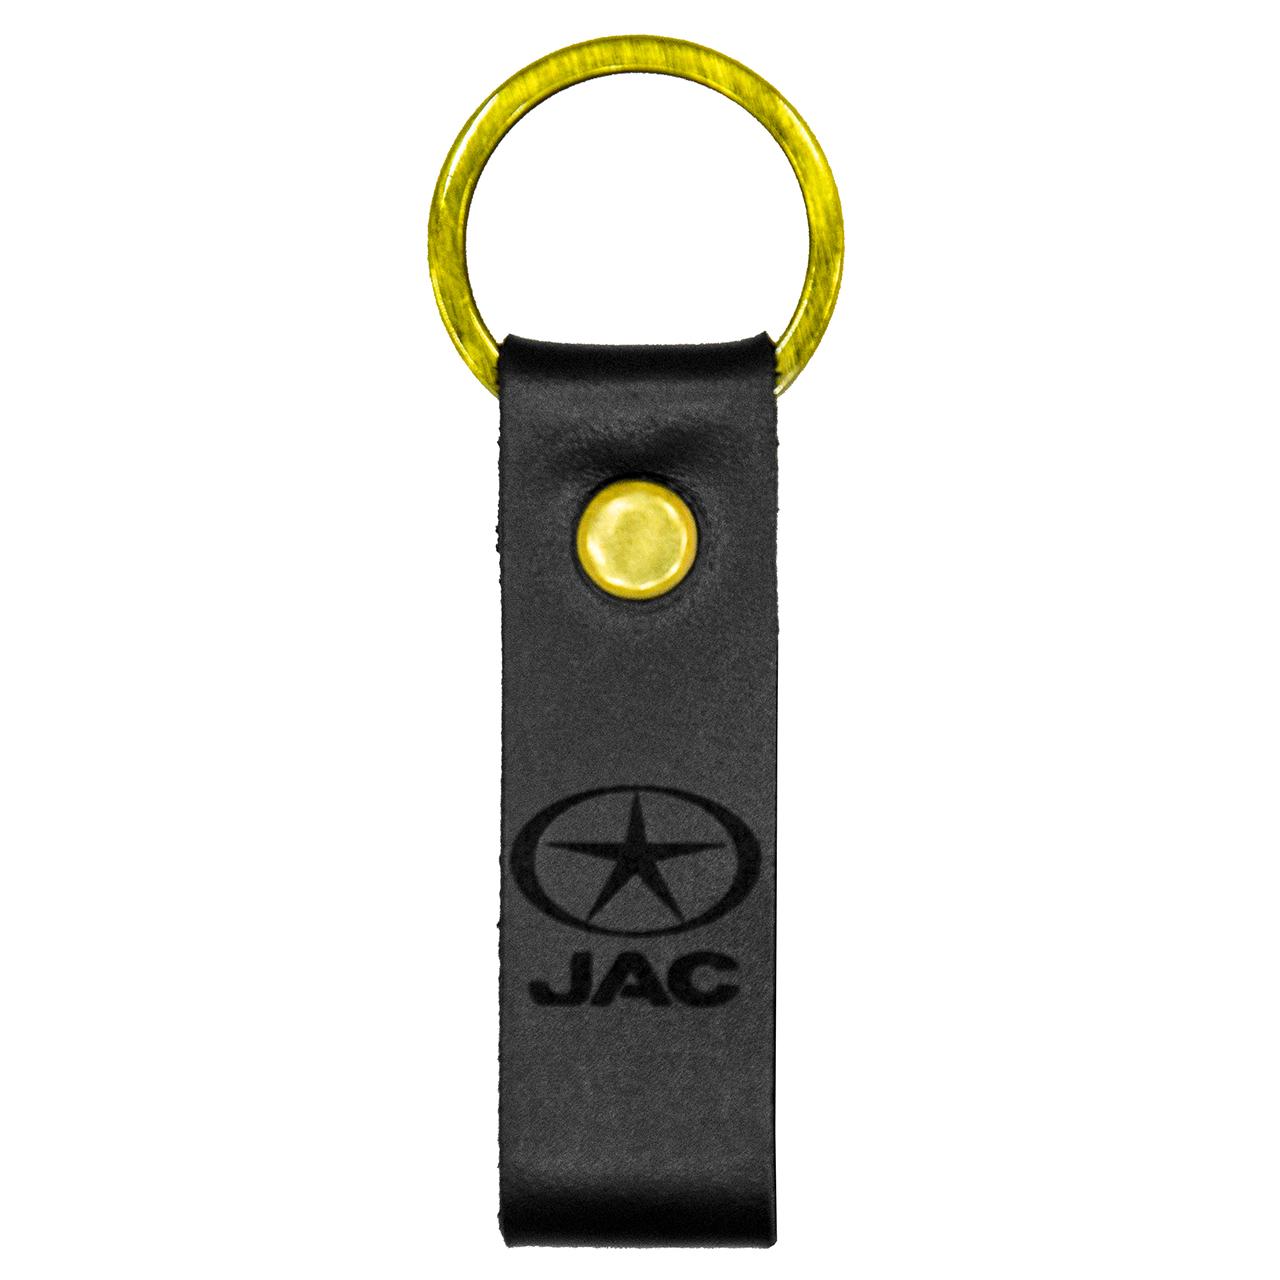 جاسوئیچی خودرو چرمینه اسپرت طرح جک کد 58003A-B